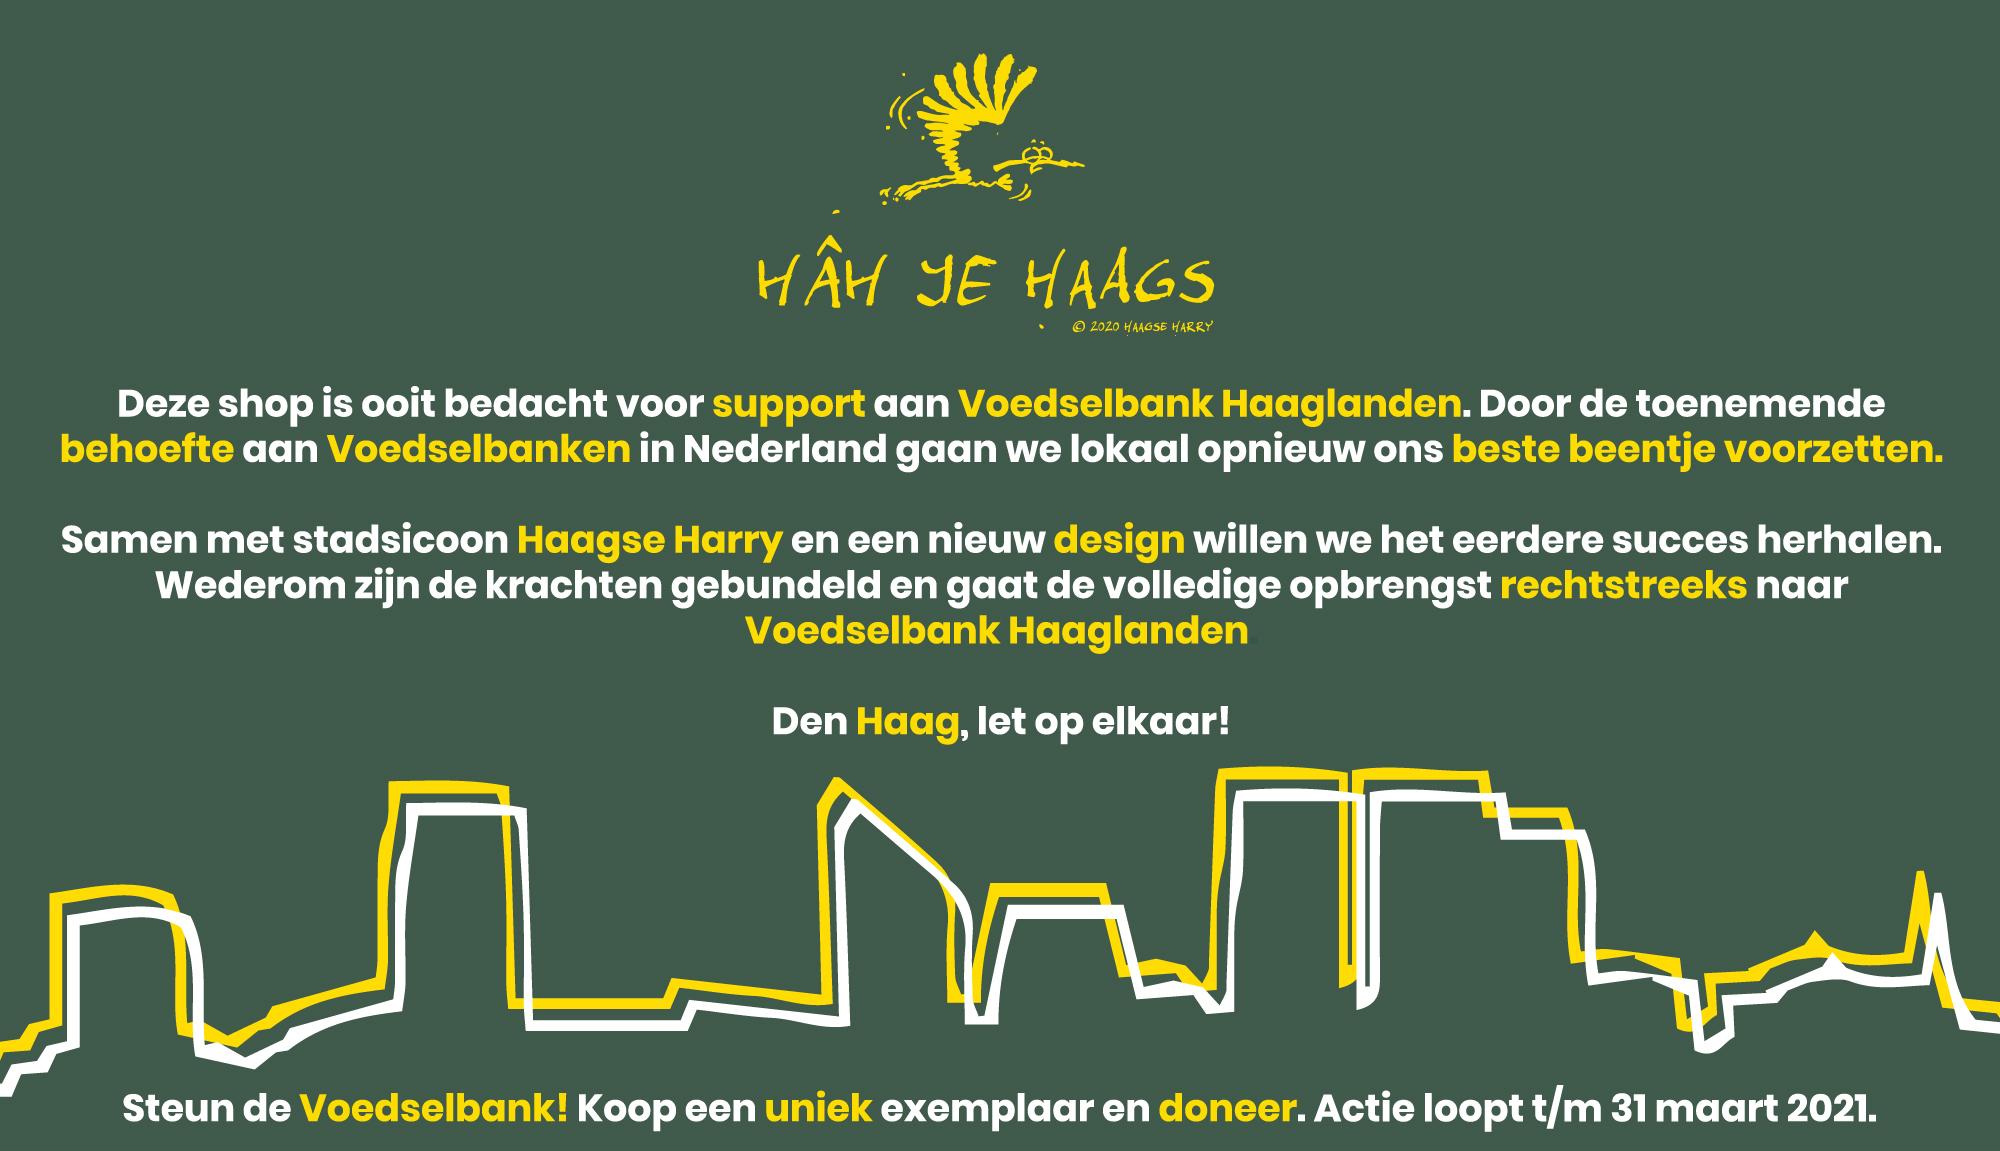 HJH-Webshop-Blok-1-maart Hah je Haags